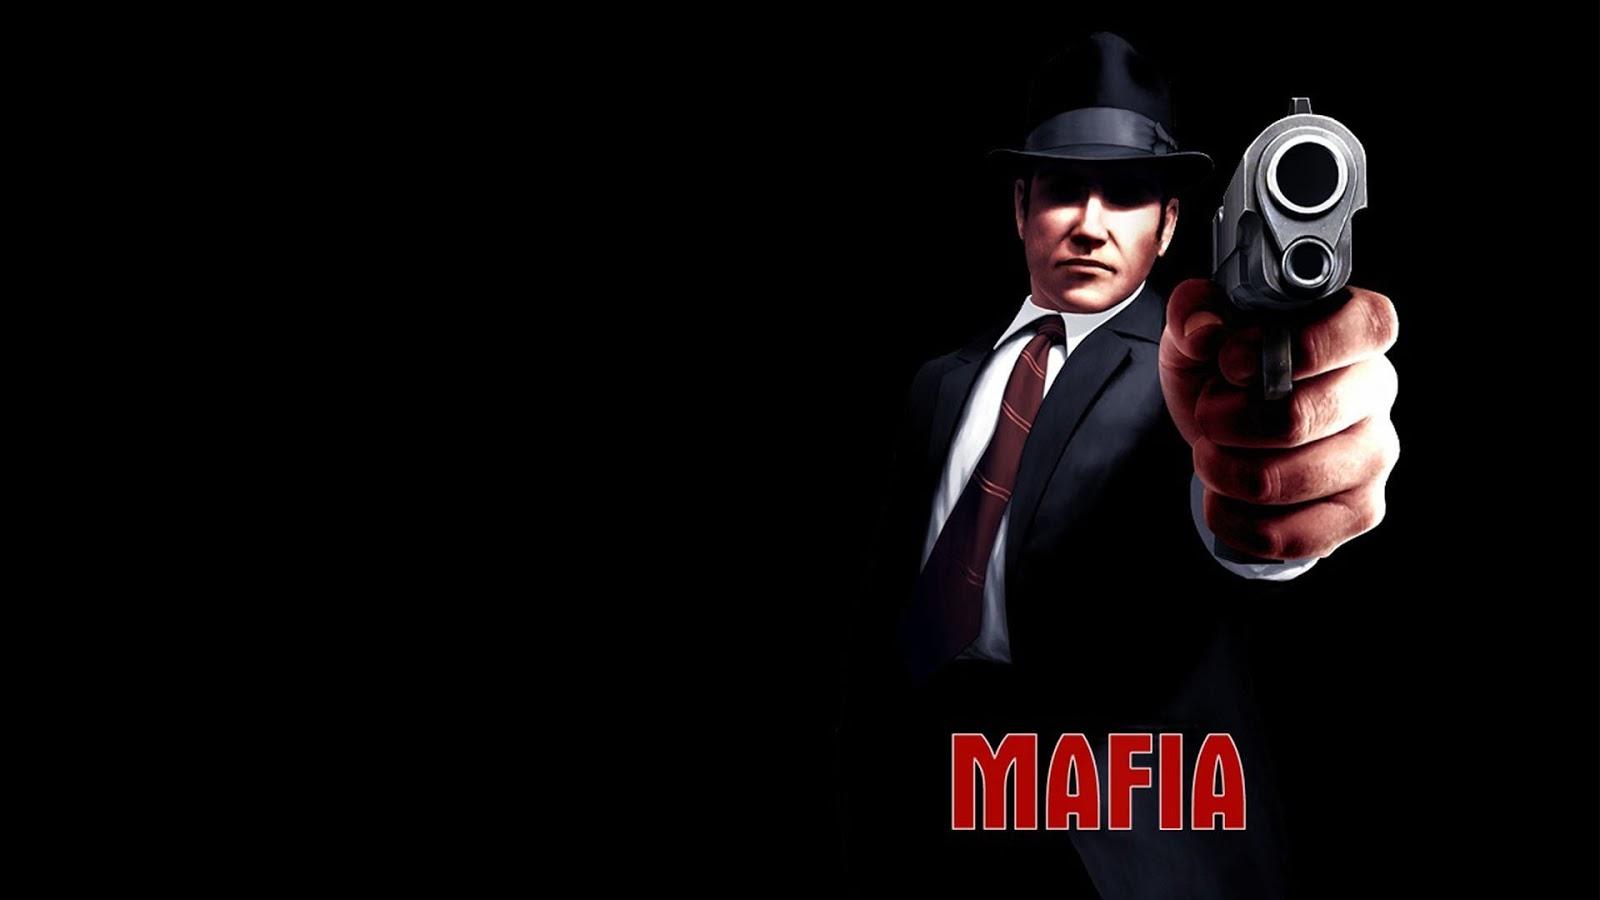 మాఫియా అంటే ఏమిటి ? - What is Mafia ?